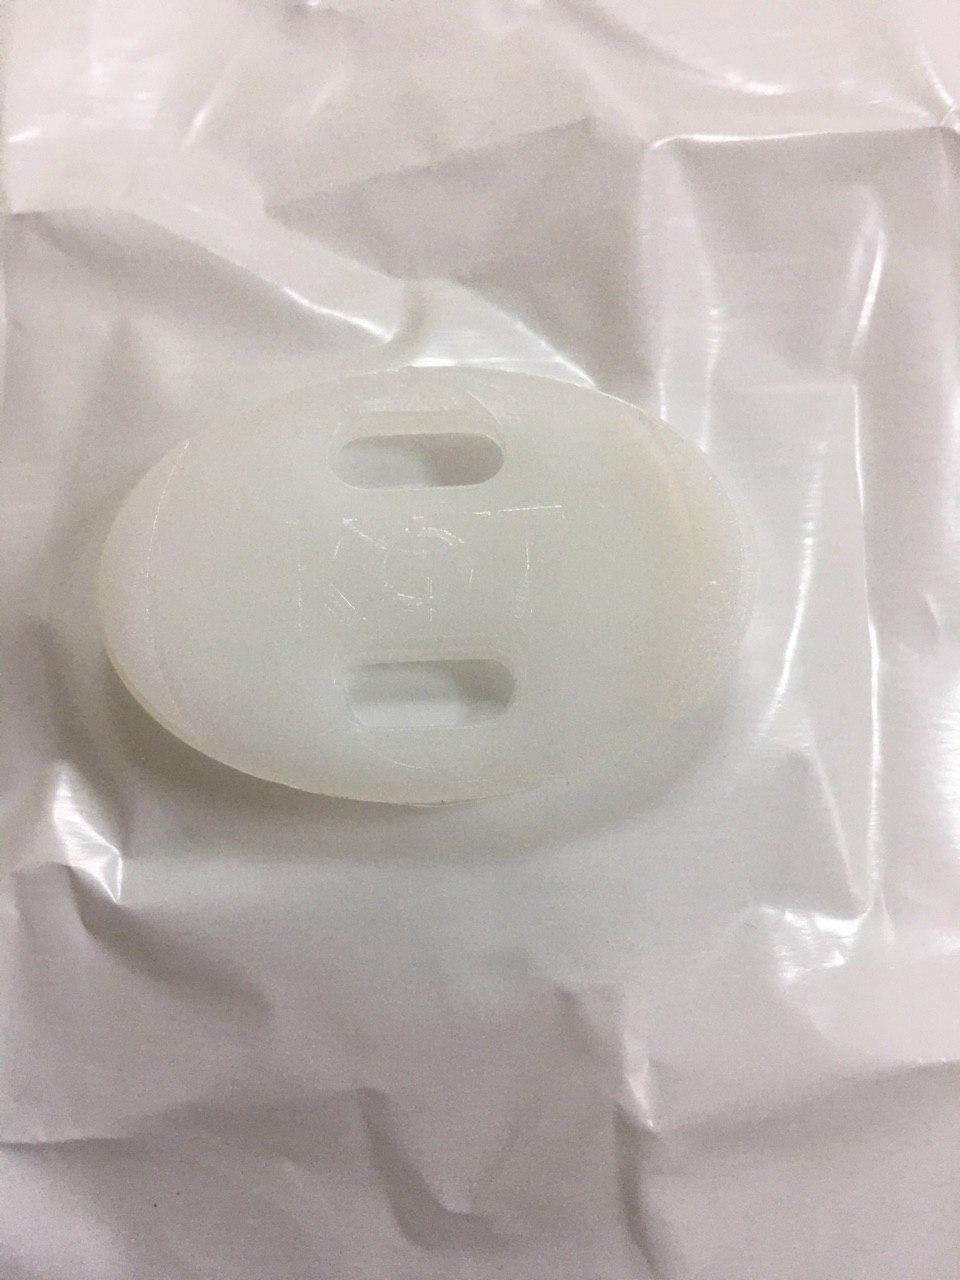 Устройство одноразовое для проведения искусственного дыхания, тип Б  (пленка - клапан)